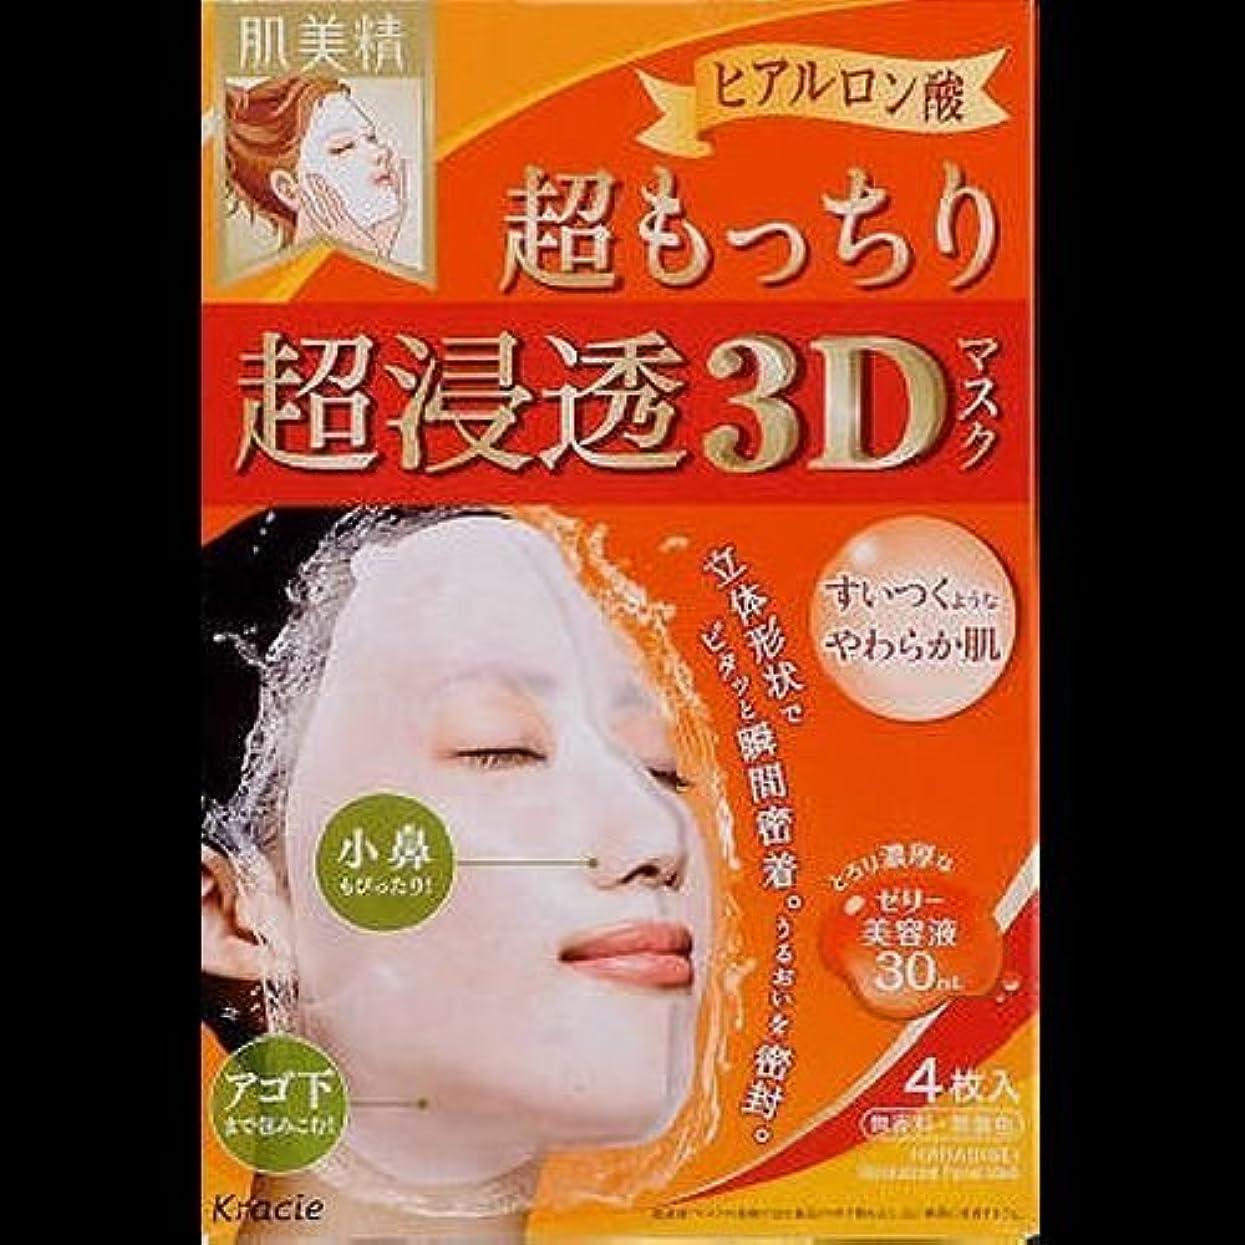 バラ色外交問題生じる【まとめ買い】肌美精 超浸透3Dマスク (超もっちり) 4枚 ×2セット